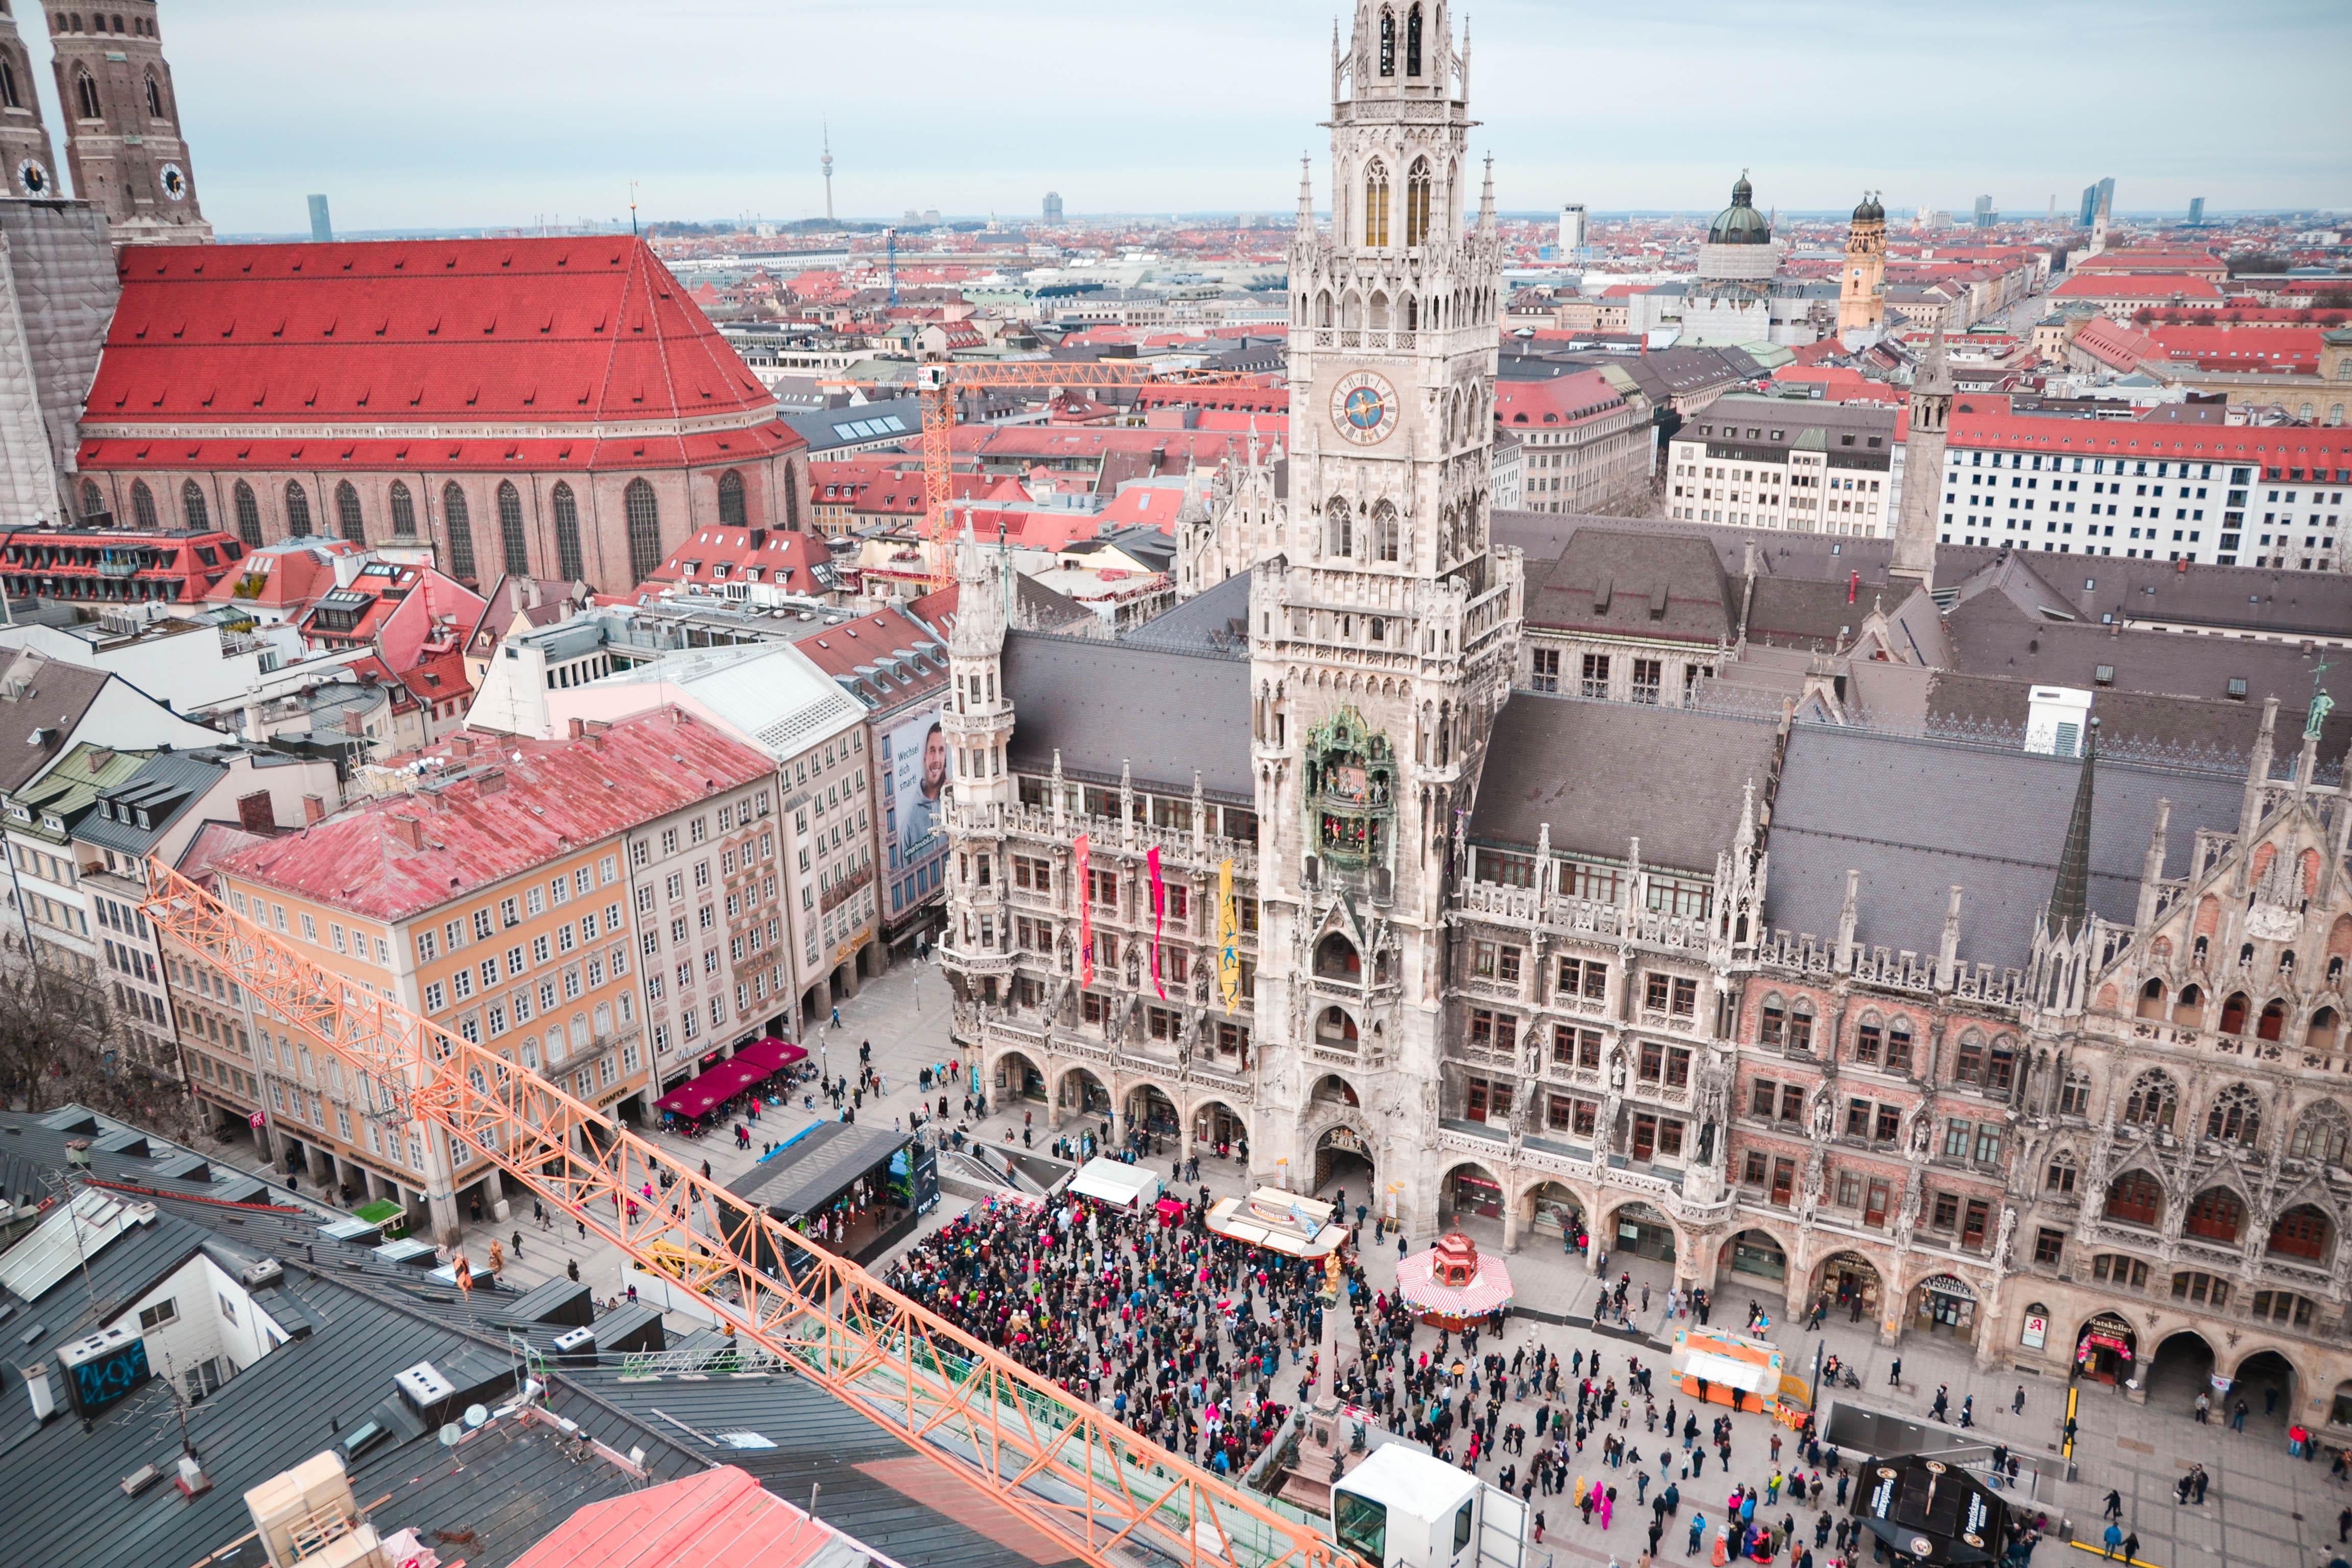 Marienplatz During Fasching in Munich, Germany